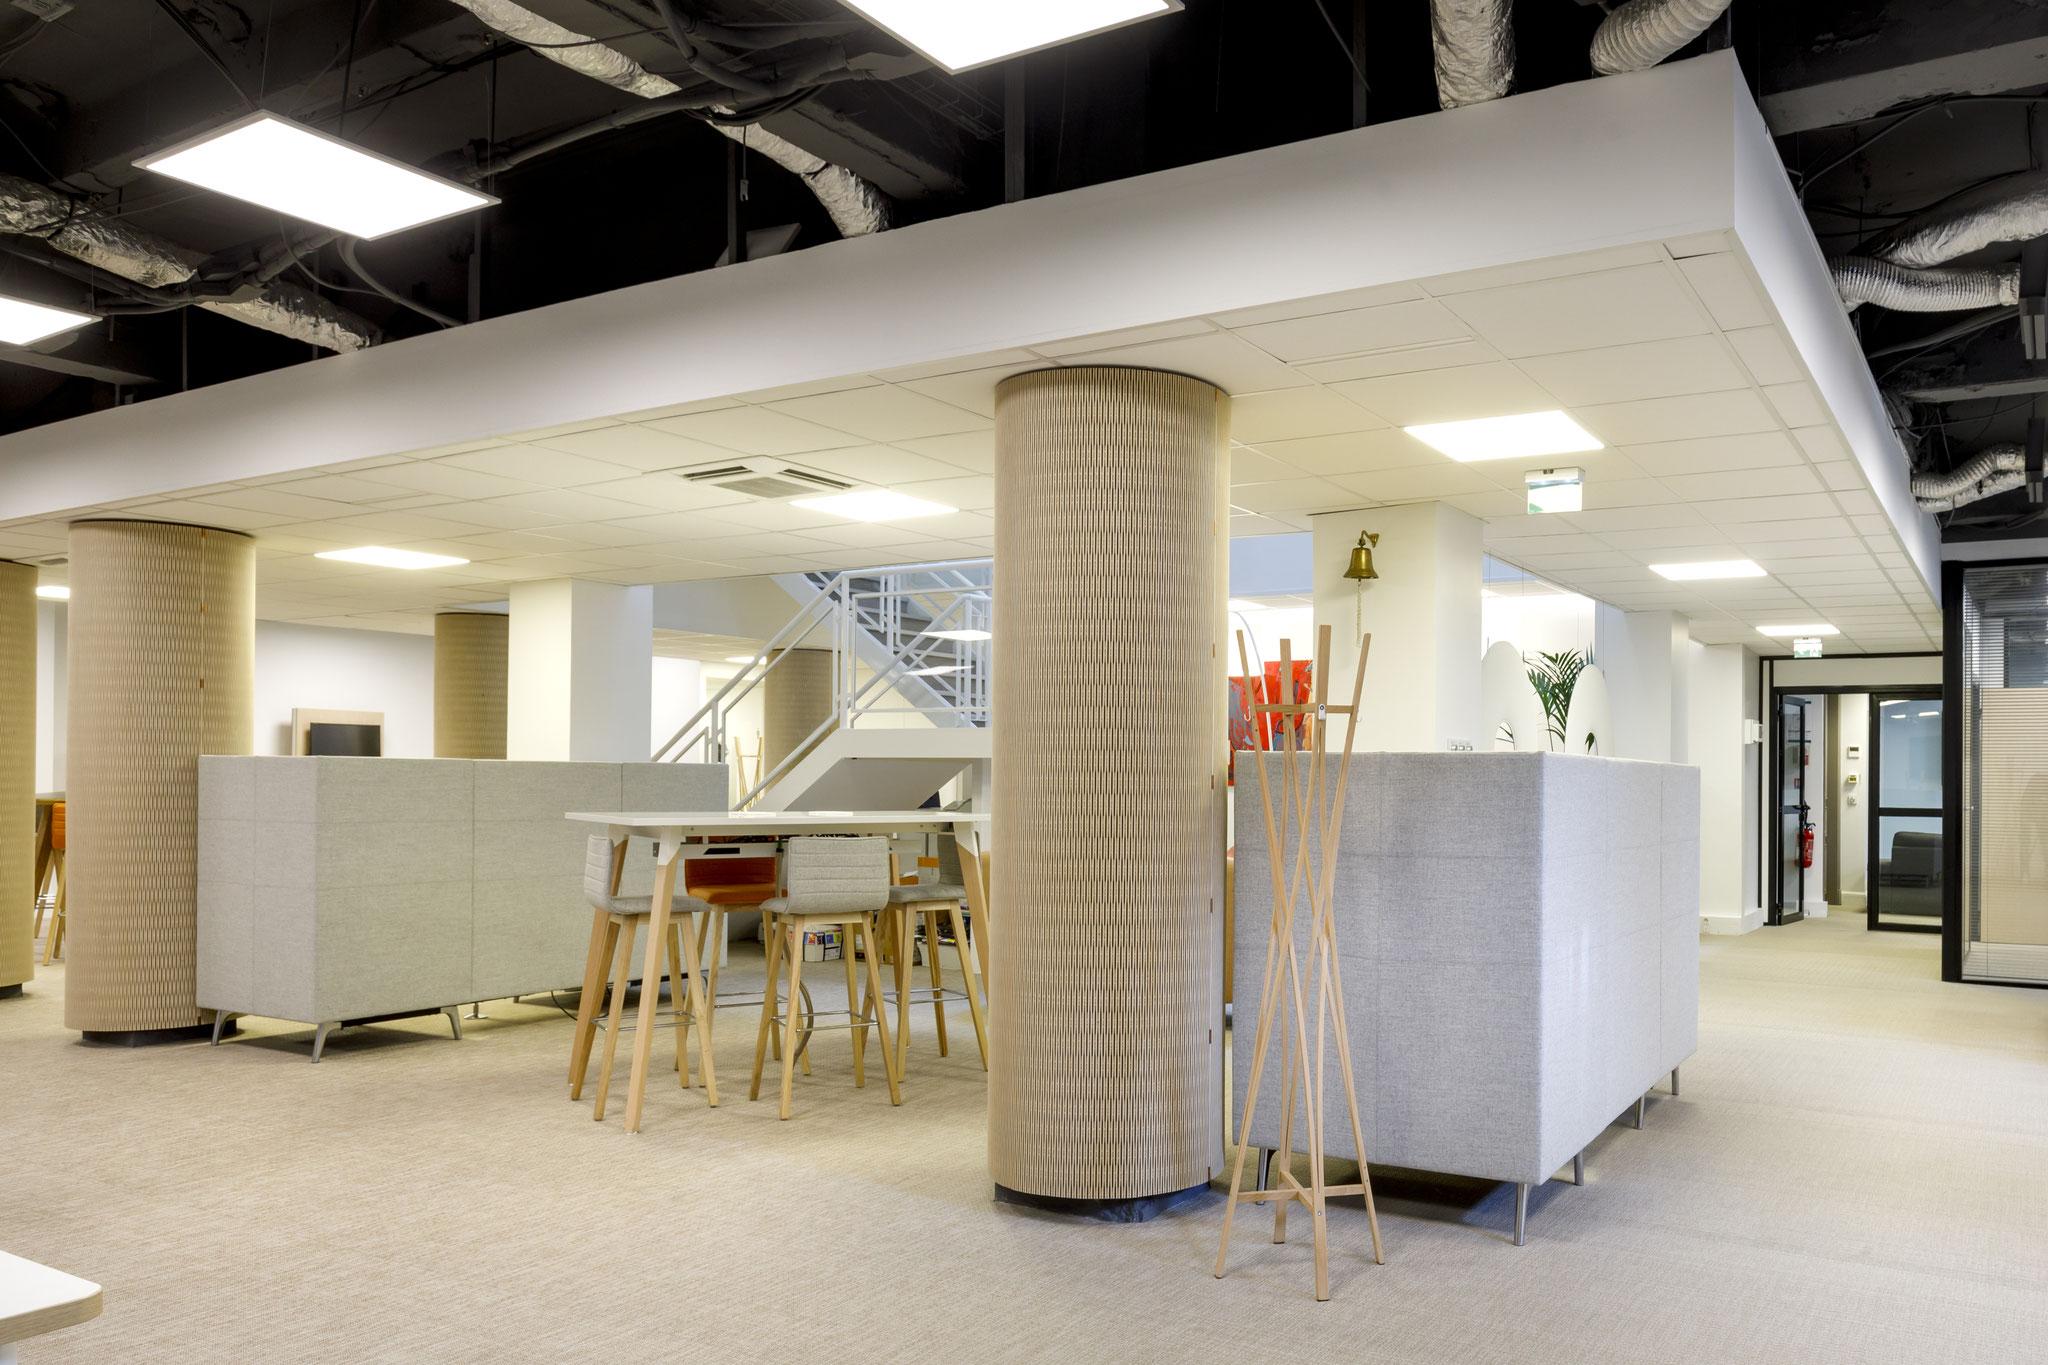 l'harmonie de bois, aux fonctions d'absorption acoustique pour un espace ouvert de co-working